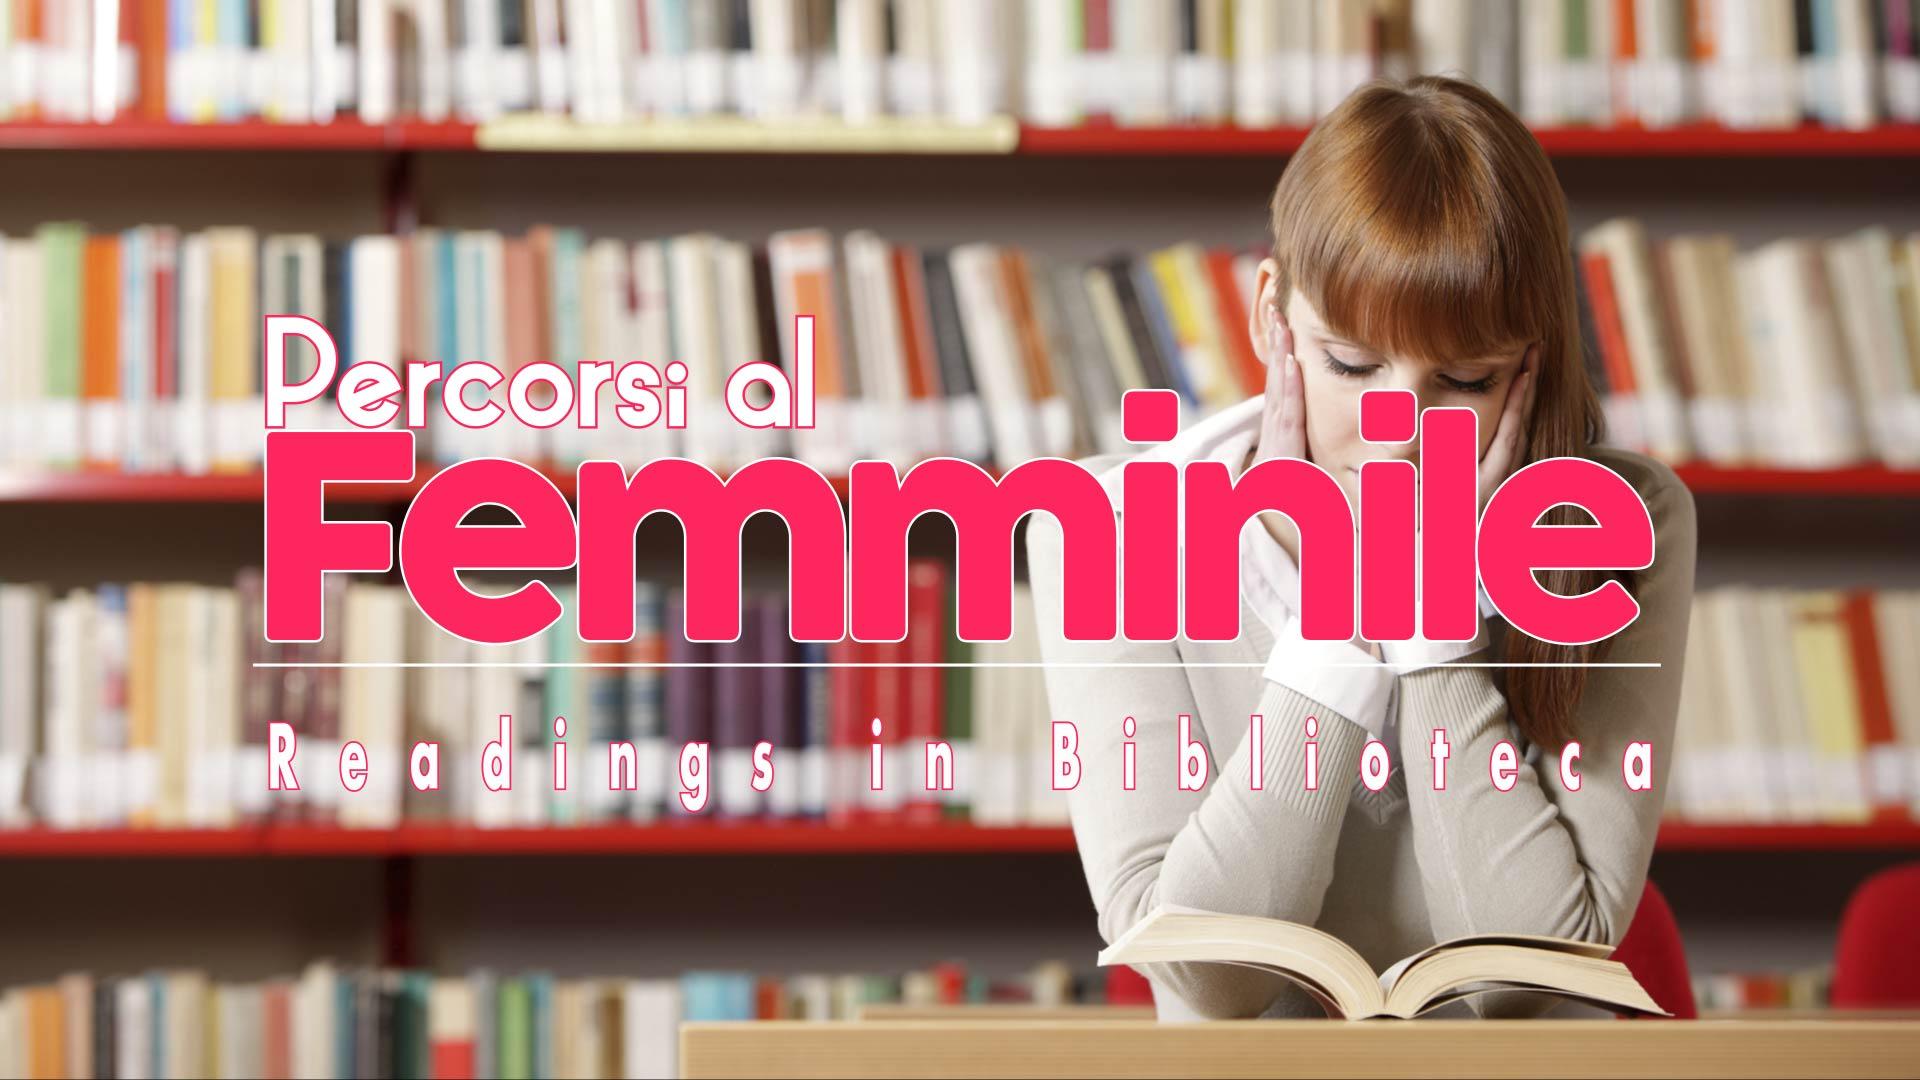 PERCORSI al FEMMINILE READINGS in BIBLIOTECA